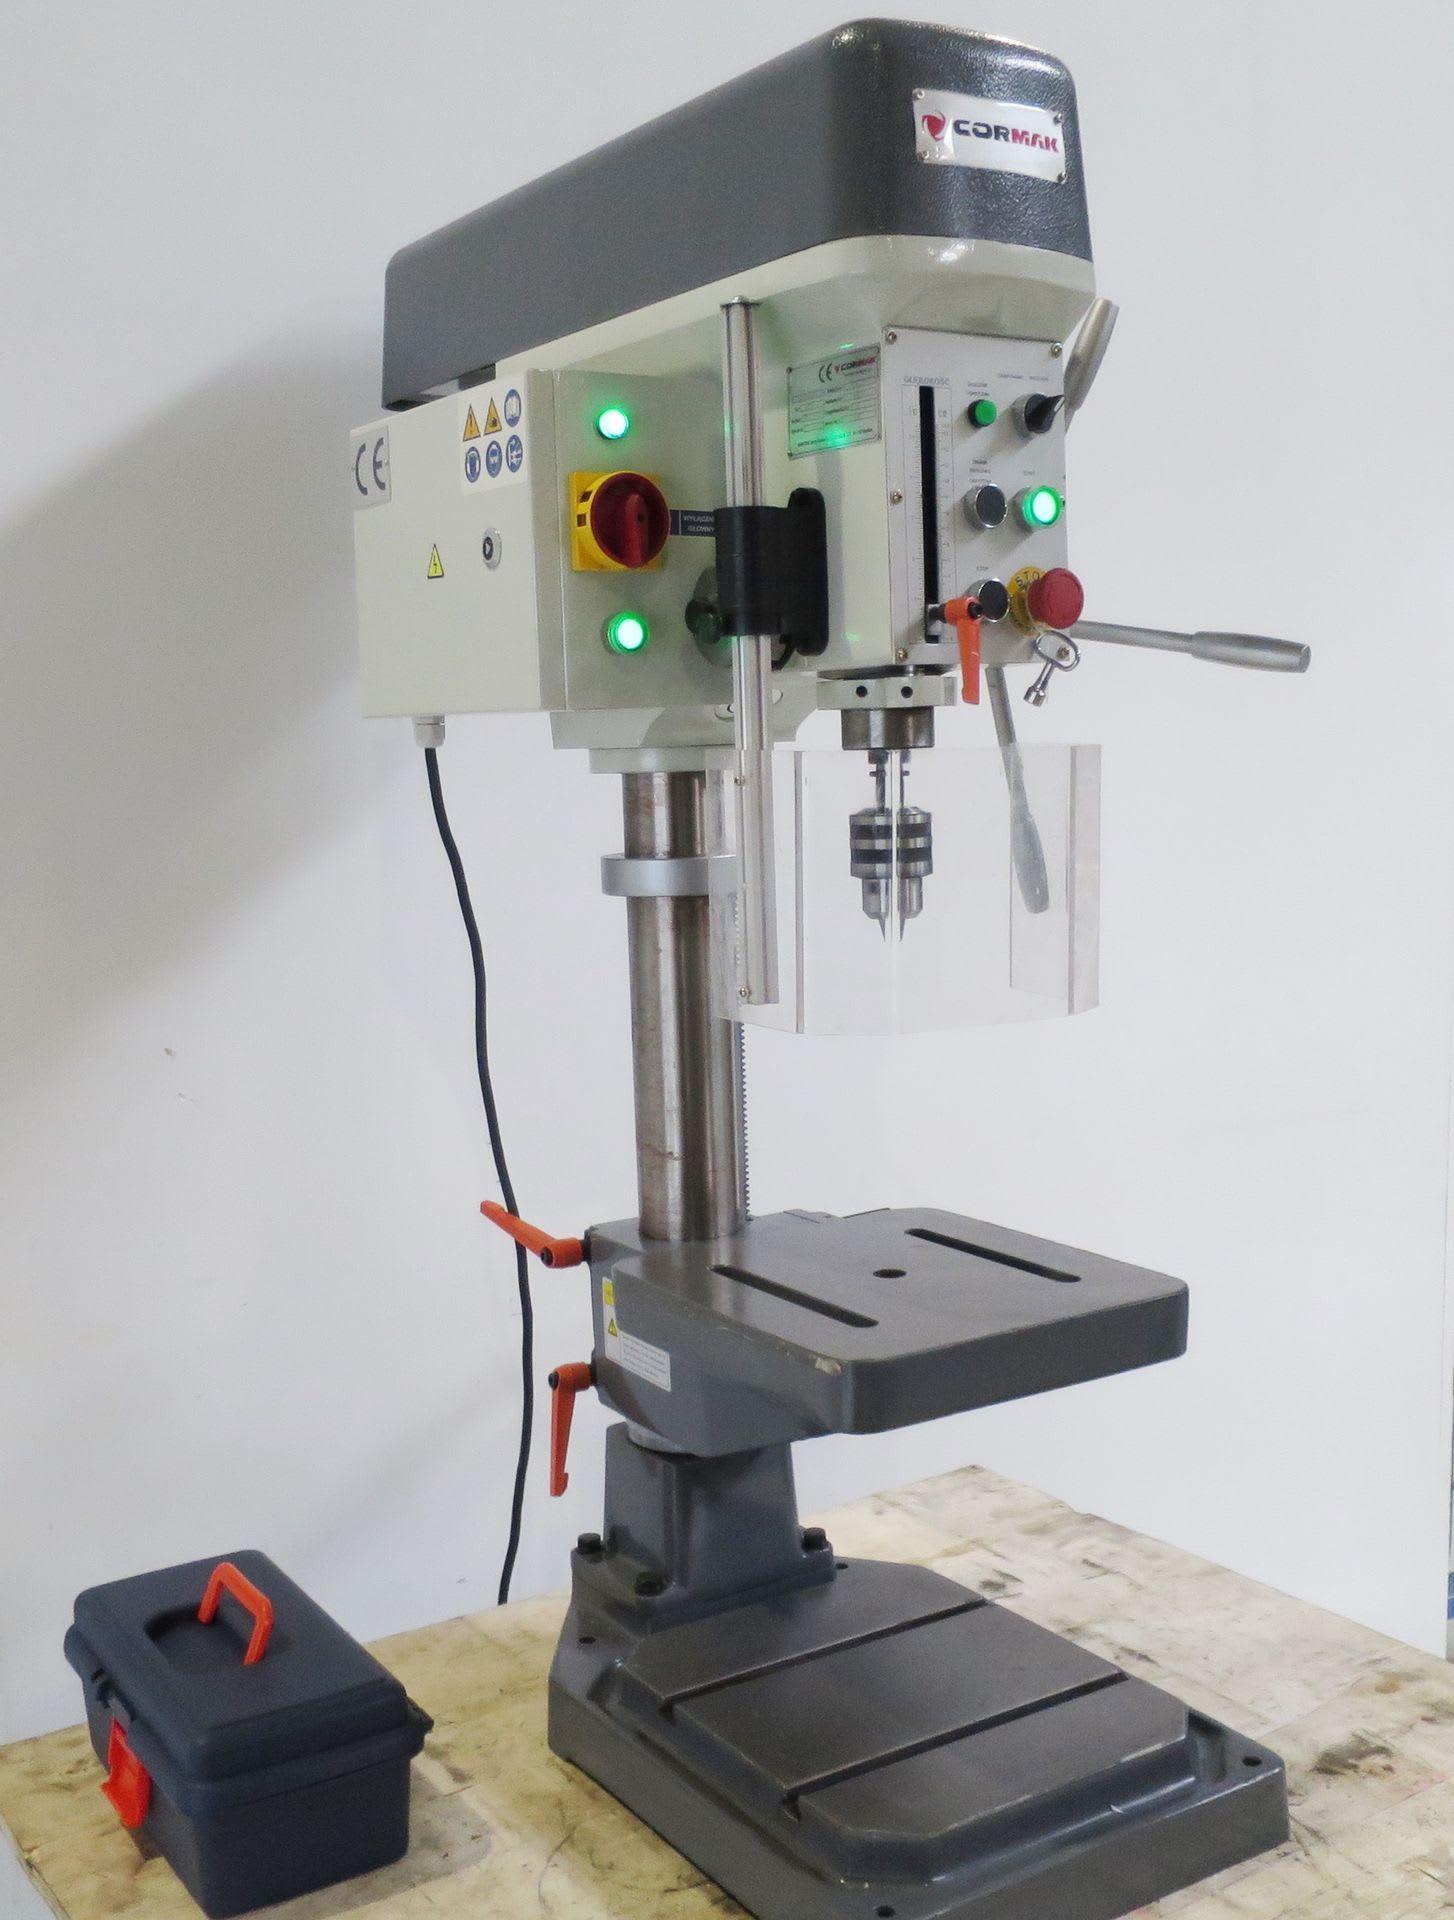 CORMAK WS 20 Tischbohrmaschine